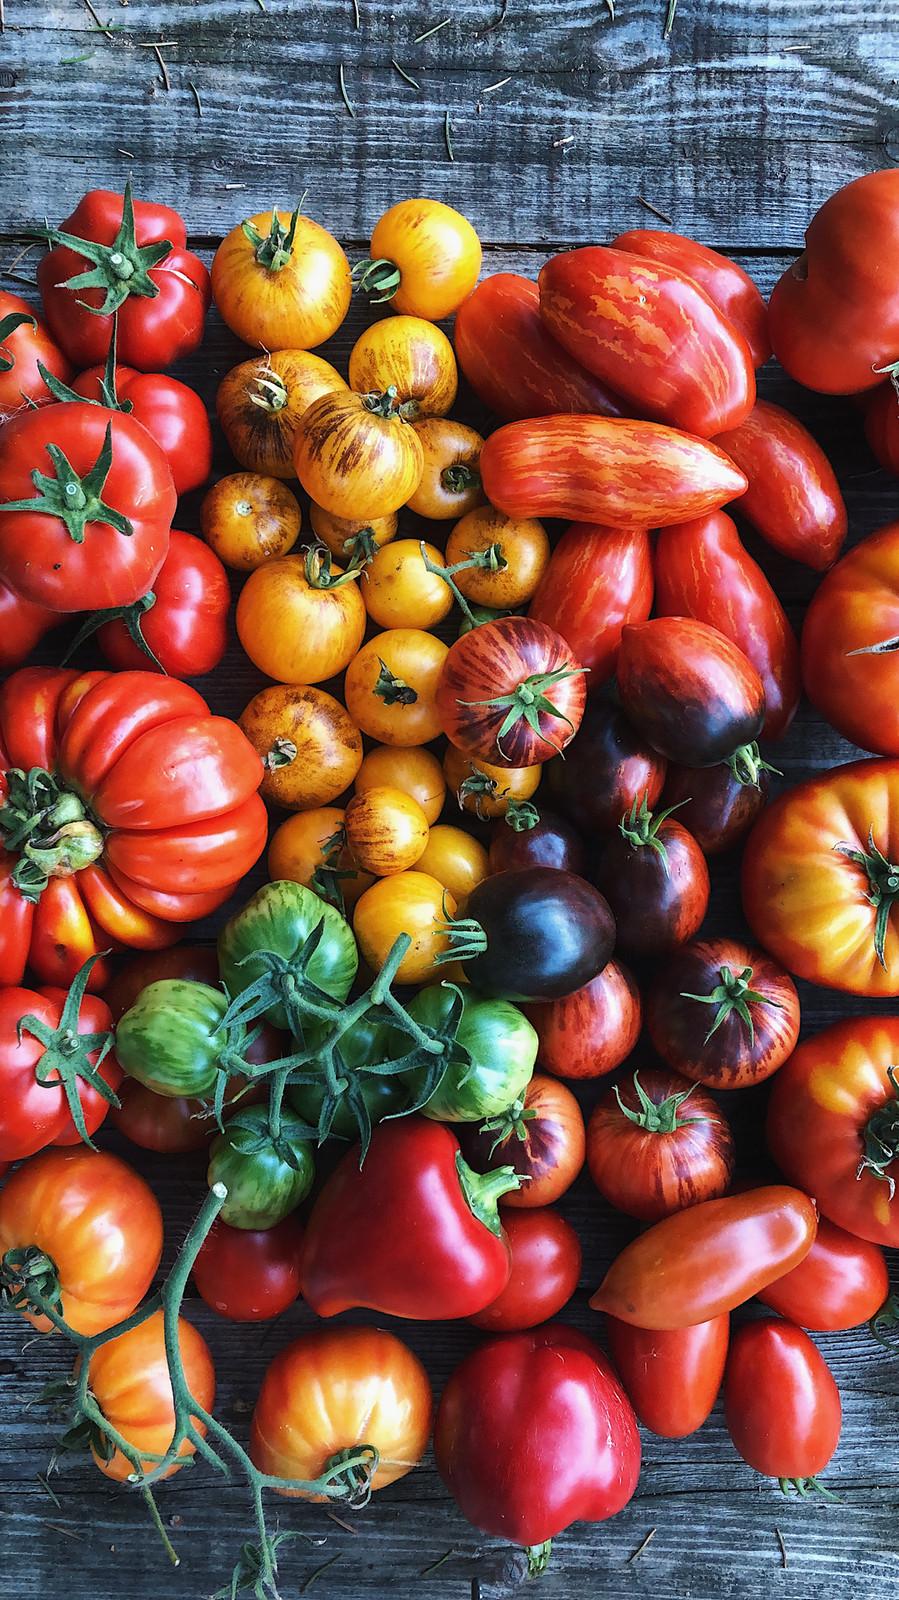 лучшие коллекционные сорта томатов 2020 по отзывам